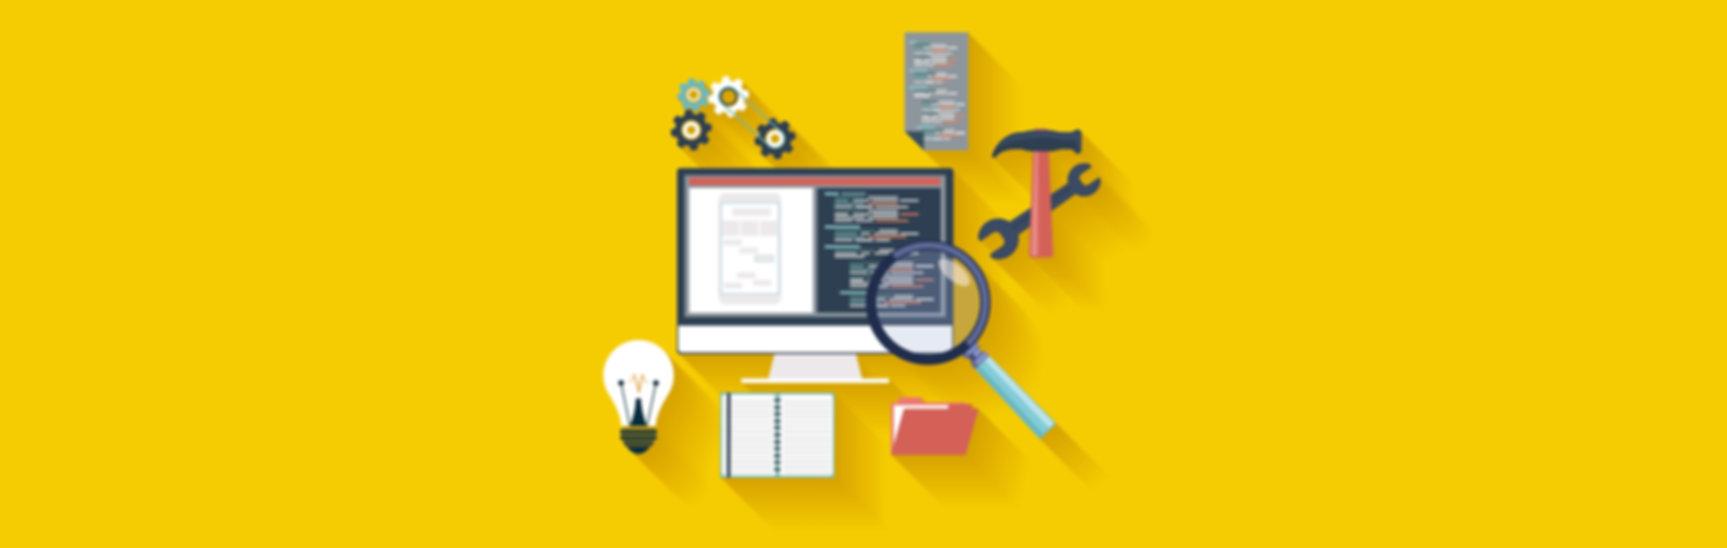 홈페이지코딩_저용량.jpg